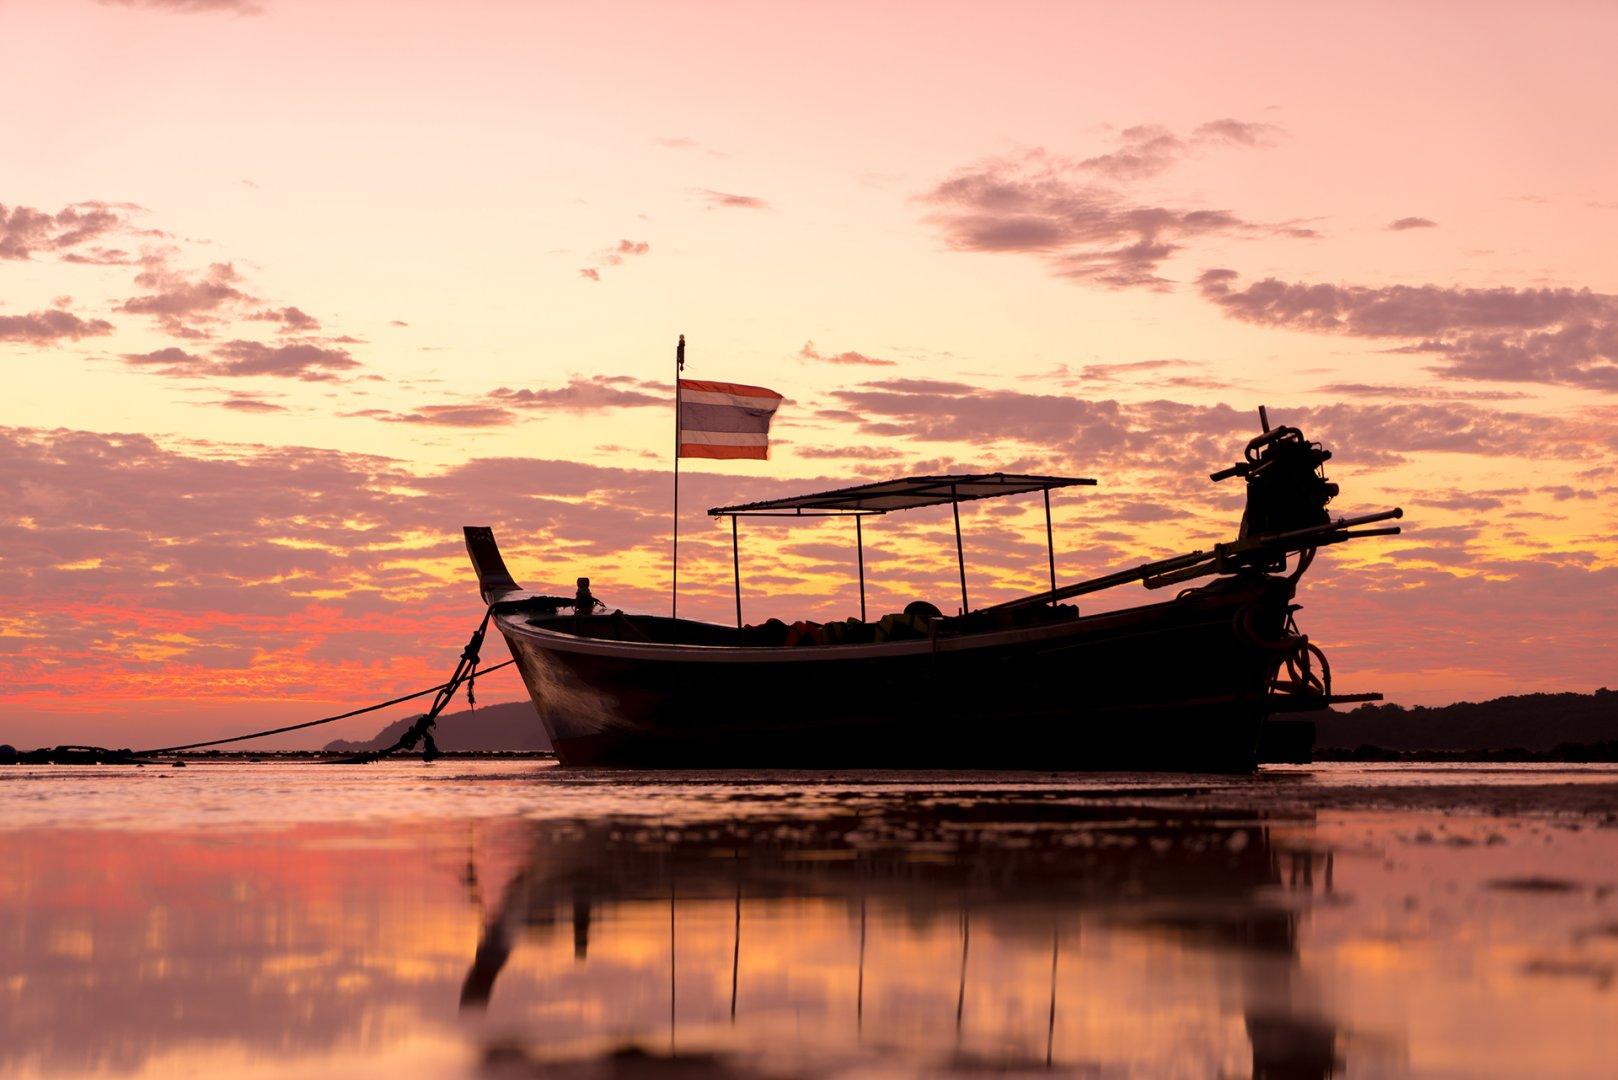 HDR Fotoğraf Örneği Manzarası Gün Batımı Deniz.jpg